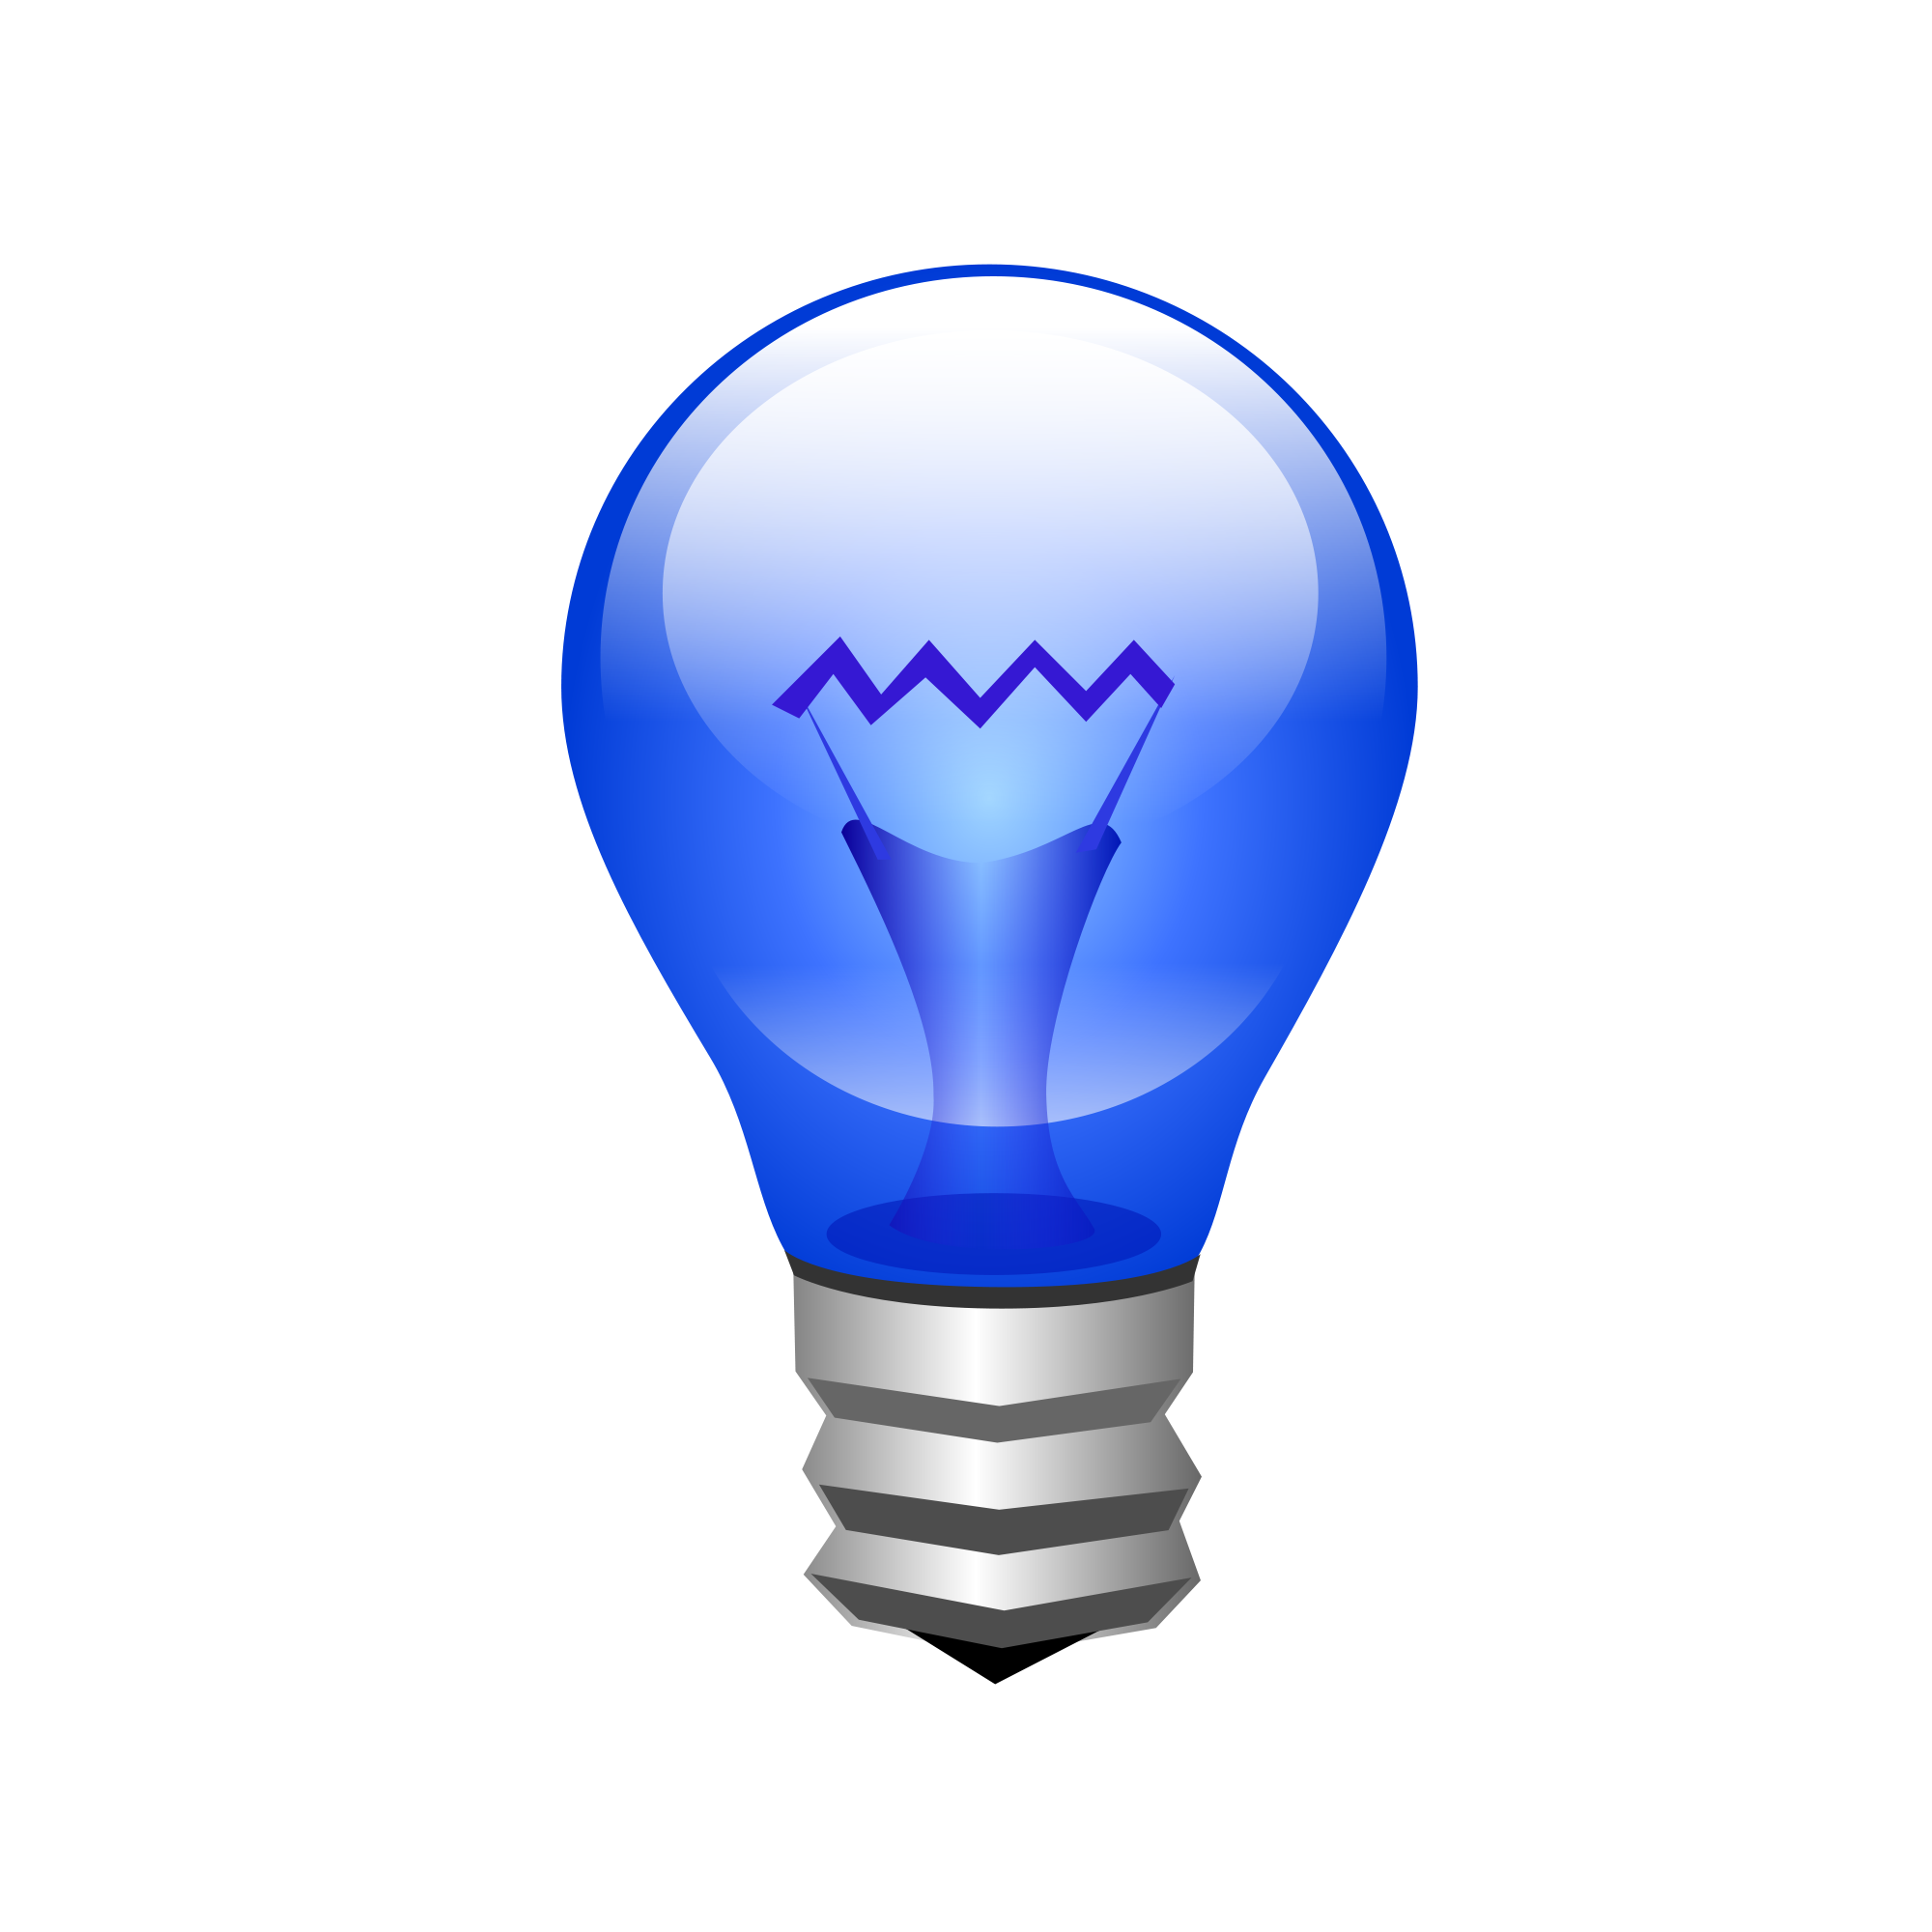 Lamp svg #15, Download drawings